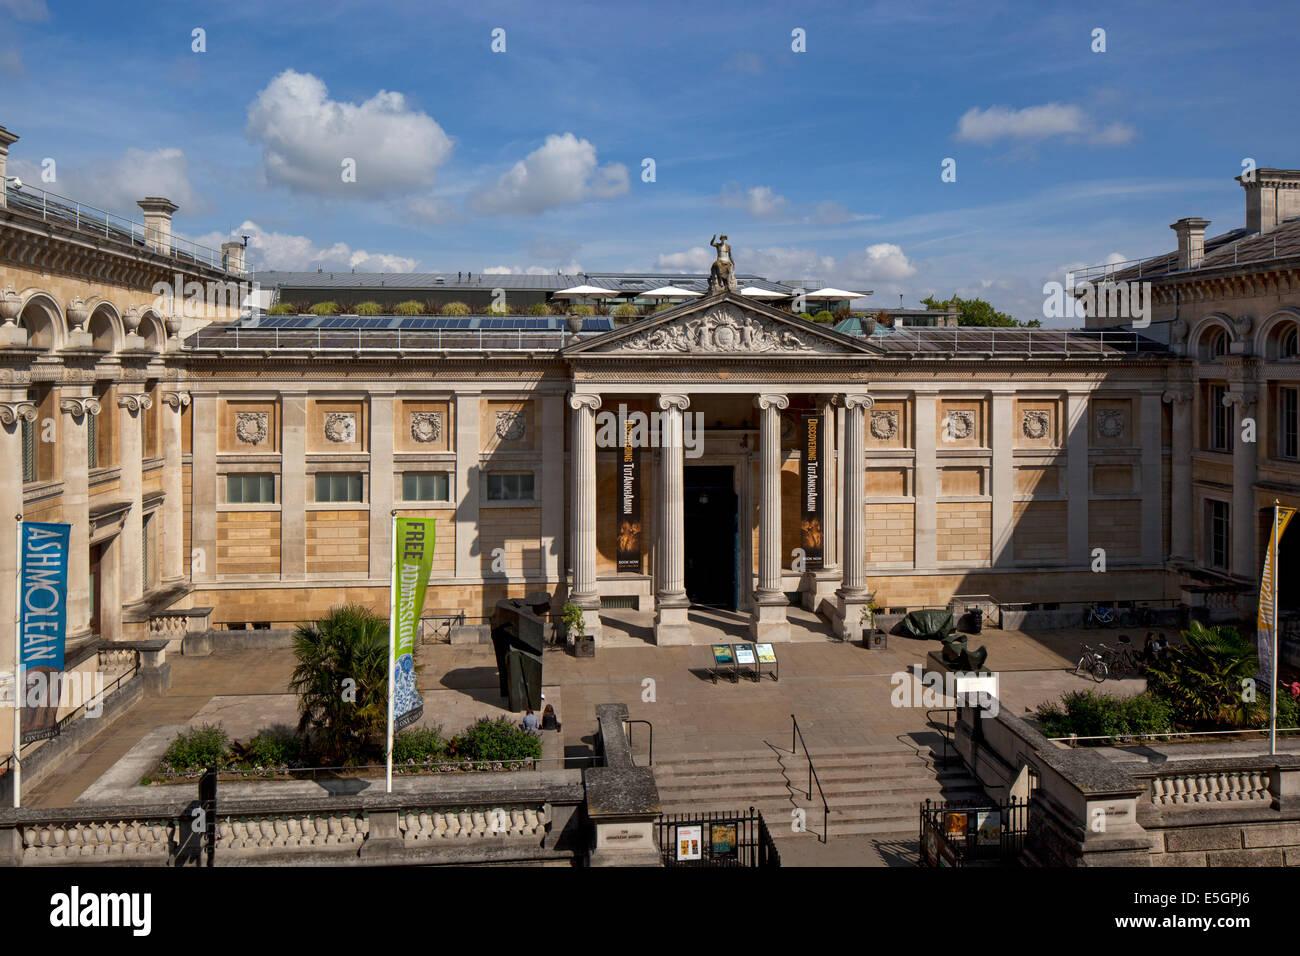 Main facade and entrance to the Ashmolean museum Oxford England - Stock Image